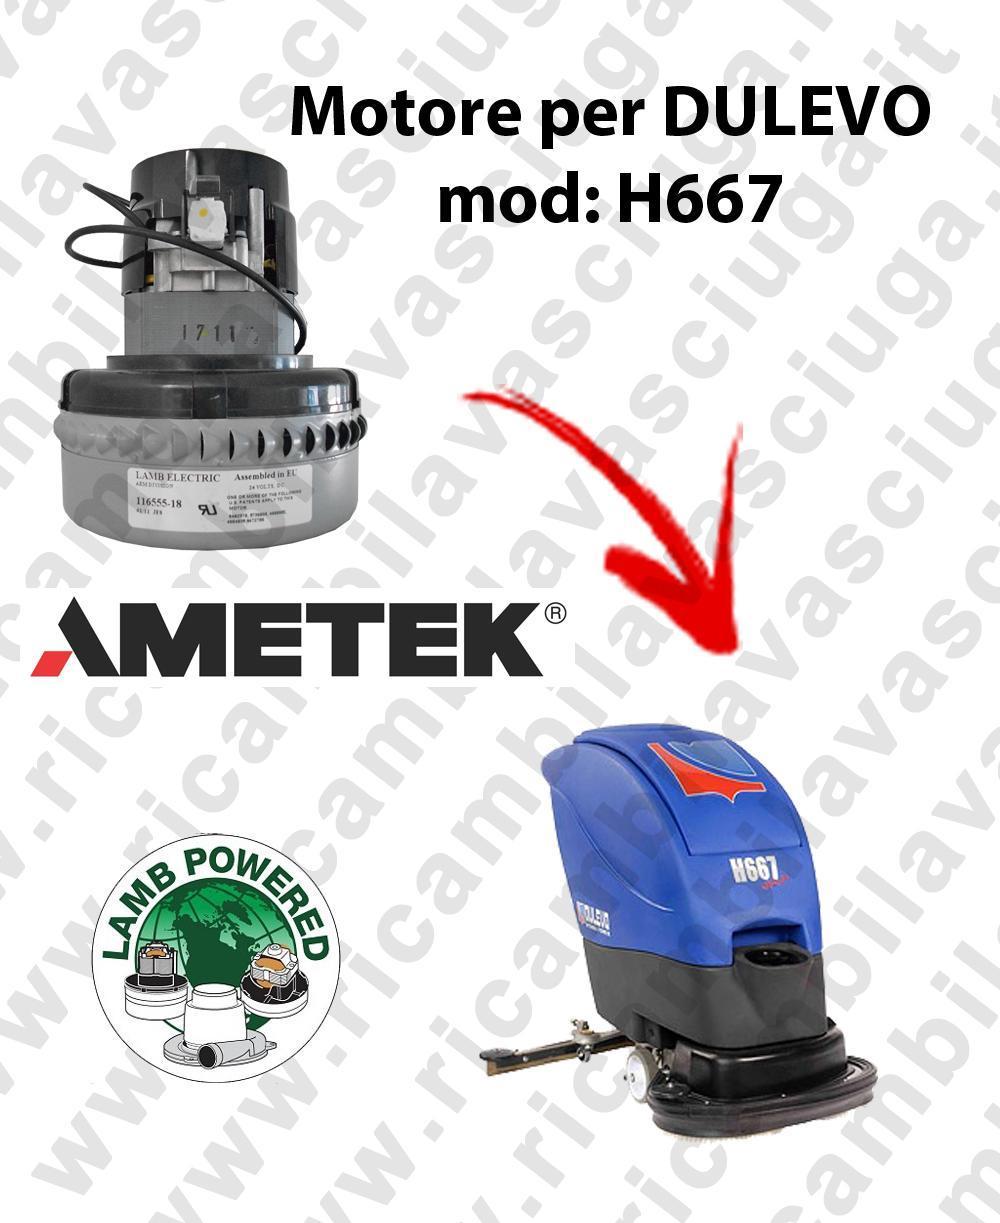 H667 LAMB AMETEK vacuum motor for scrubber dryer DULEVO